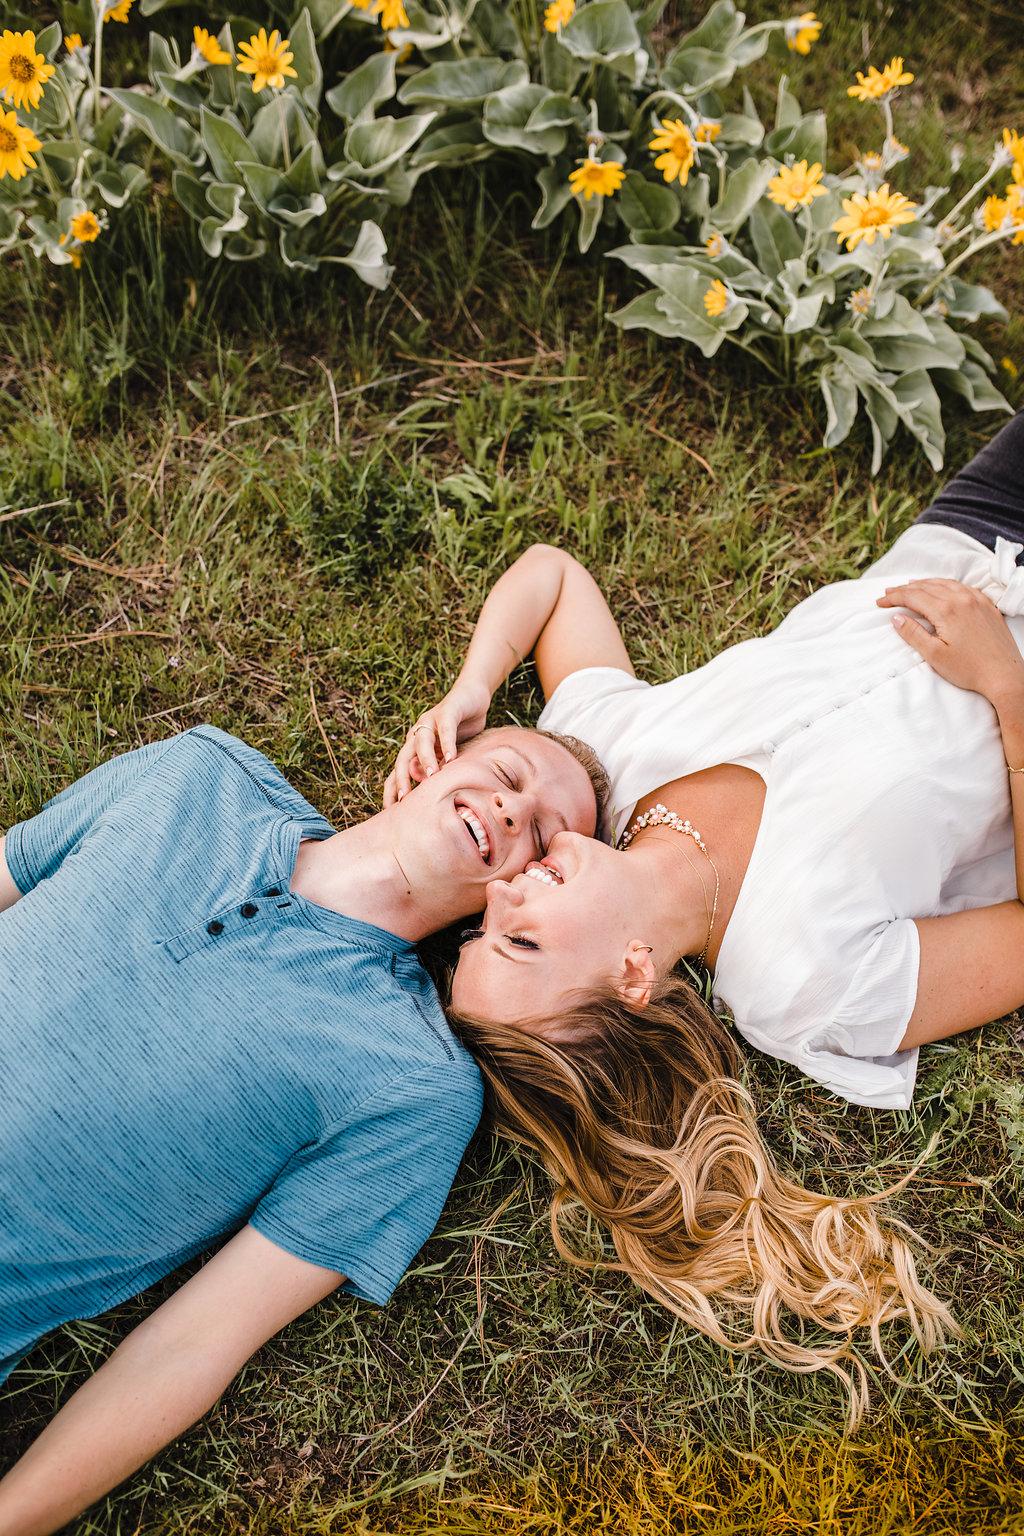 romantic engaged couple professional photographer calli richards logan utah engagement photography